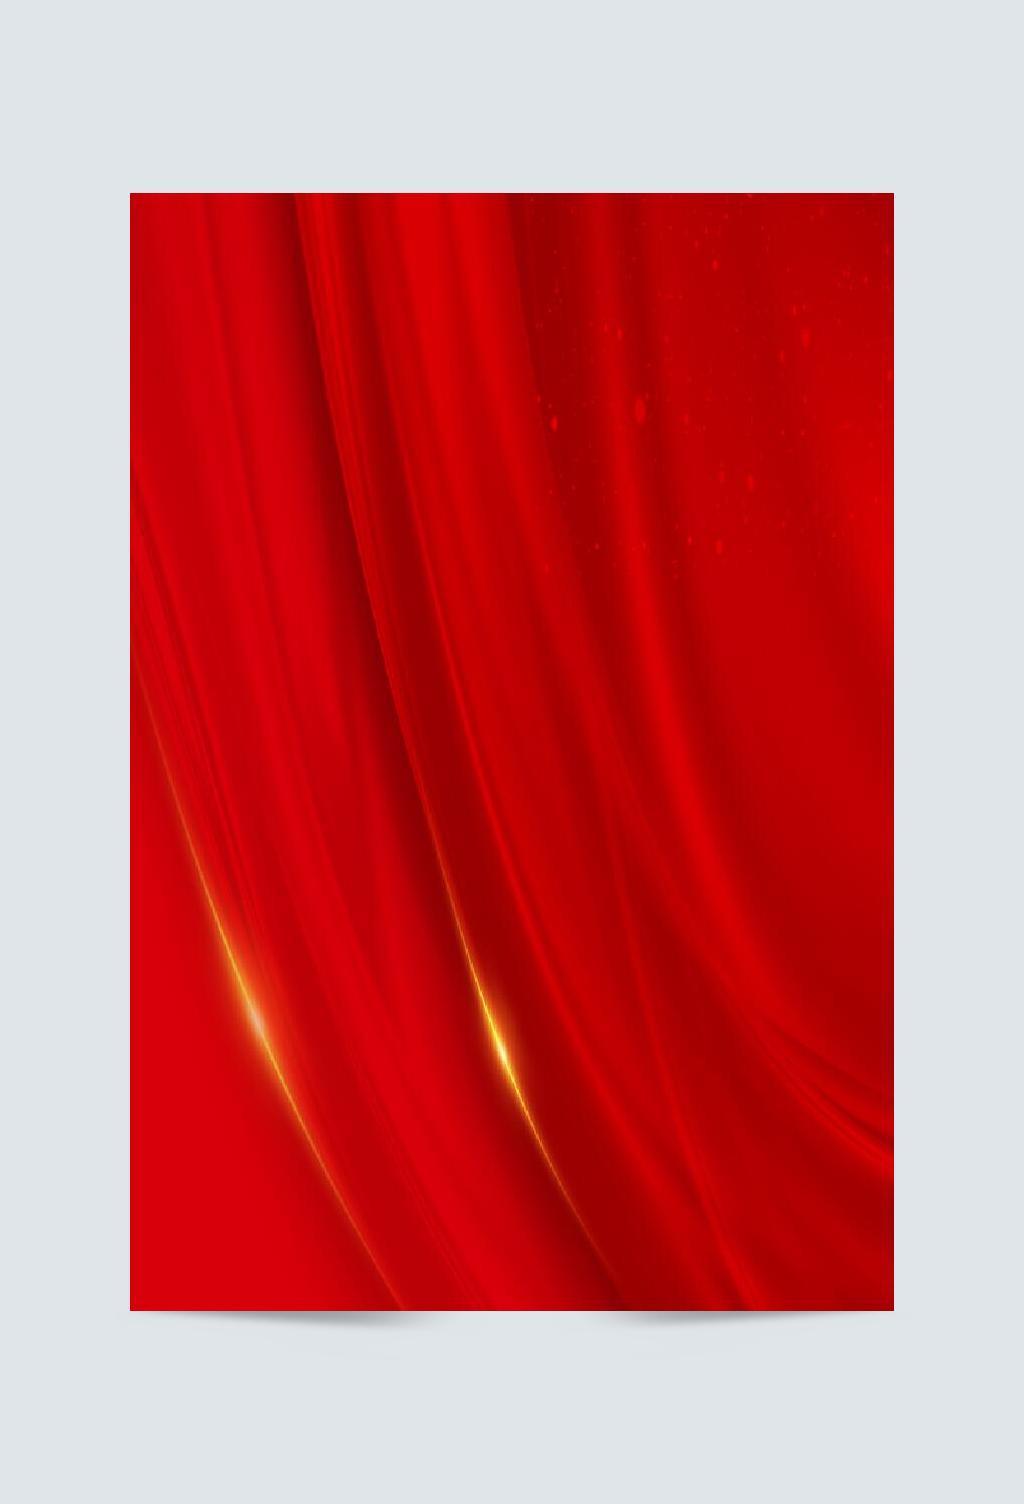 中国红丝绸效果节日背景素材